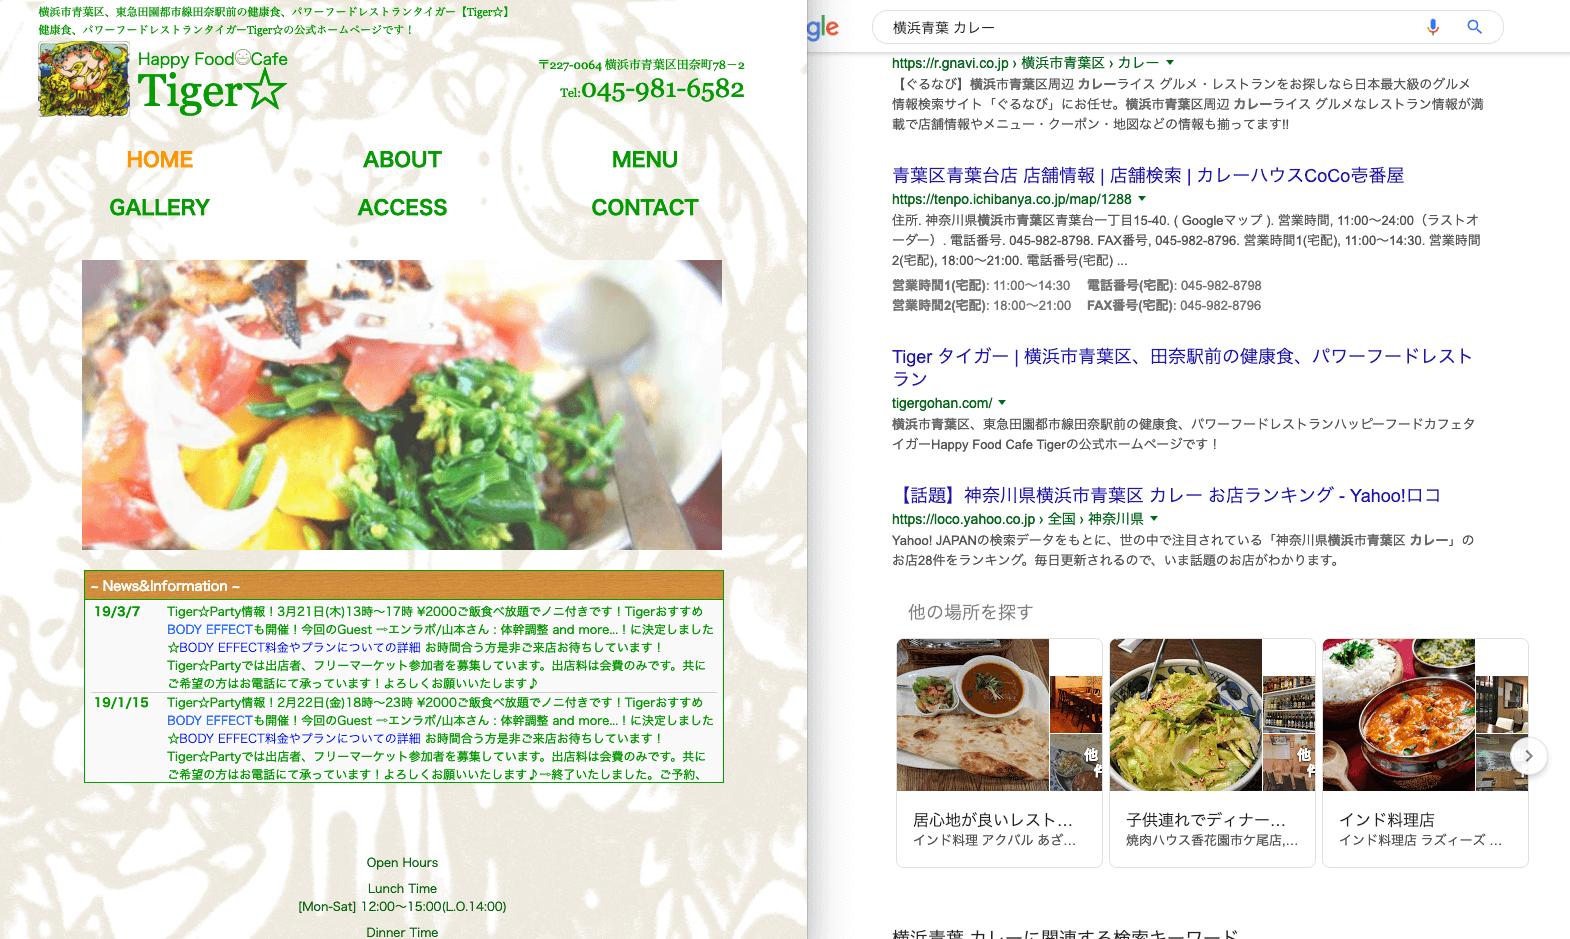 制作実績|SEO 対策・神奈川県 Happy Food Cafe Tiger様